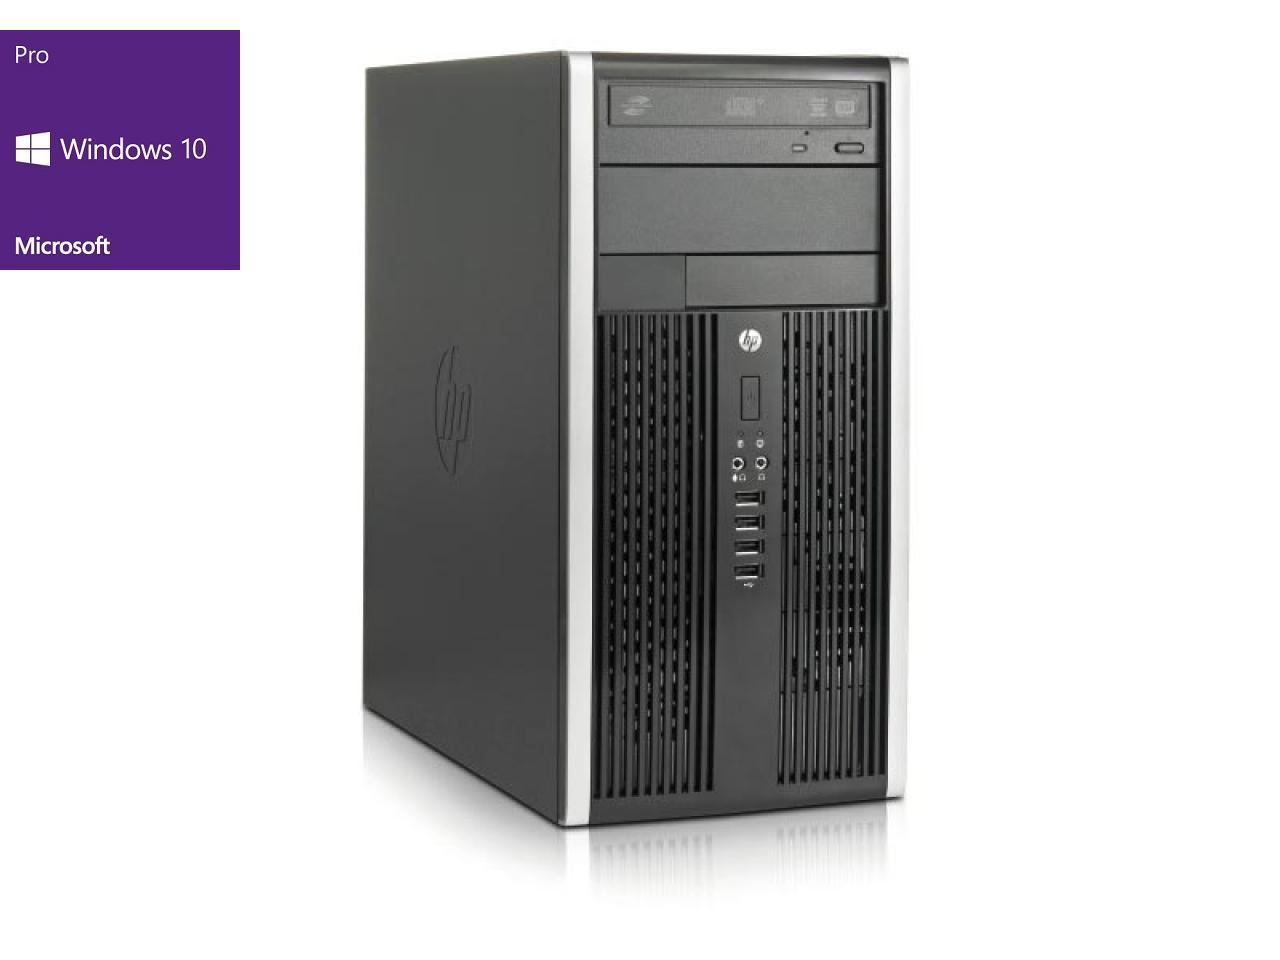 Hewlett Packard Pro 6300 MT  - shop.bb-net.de